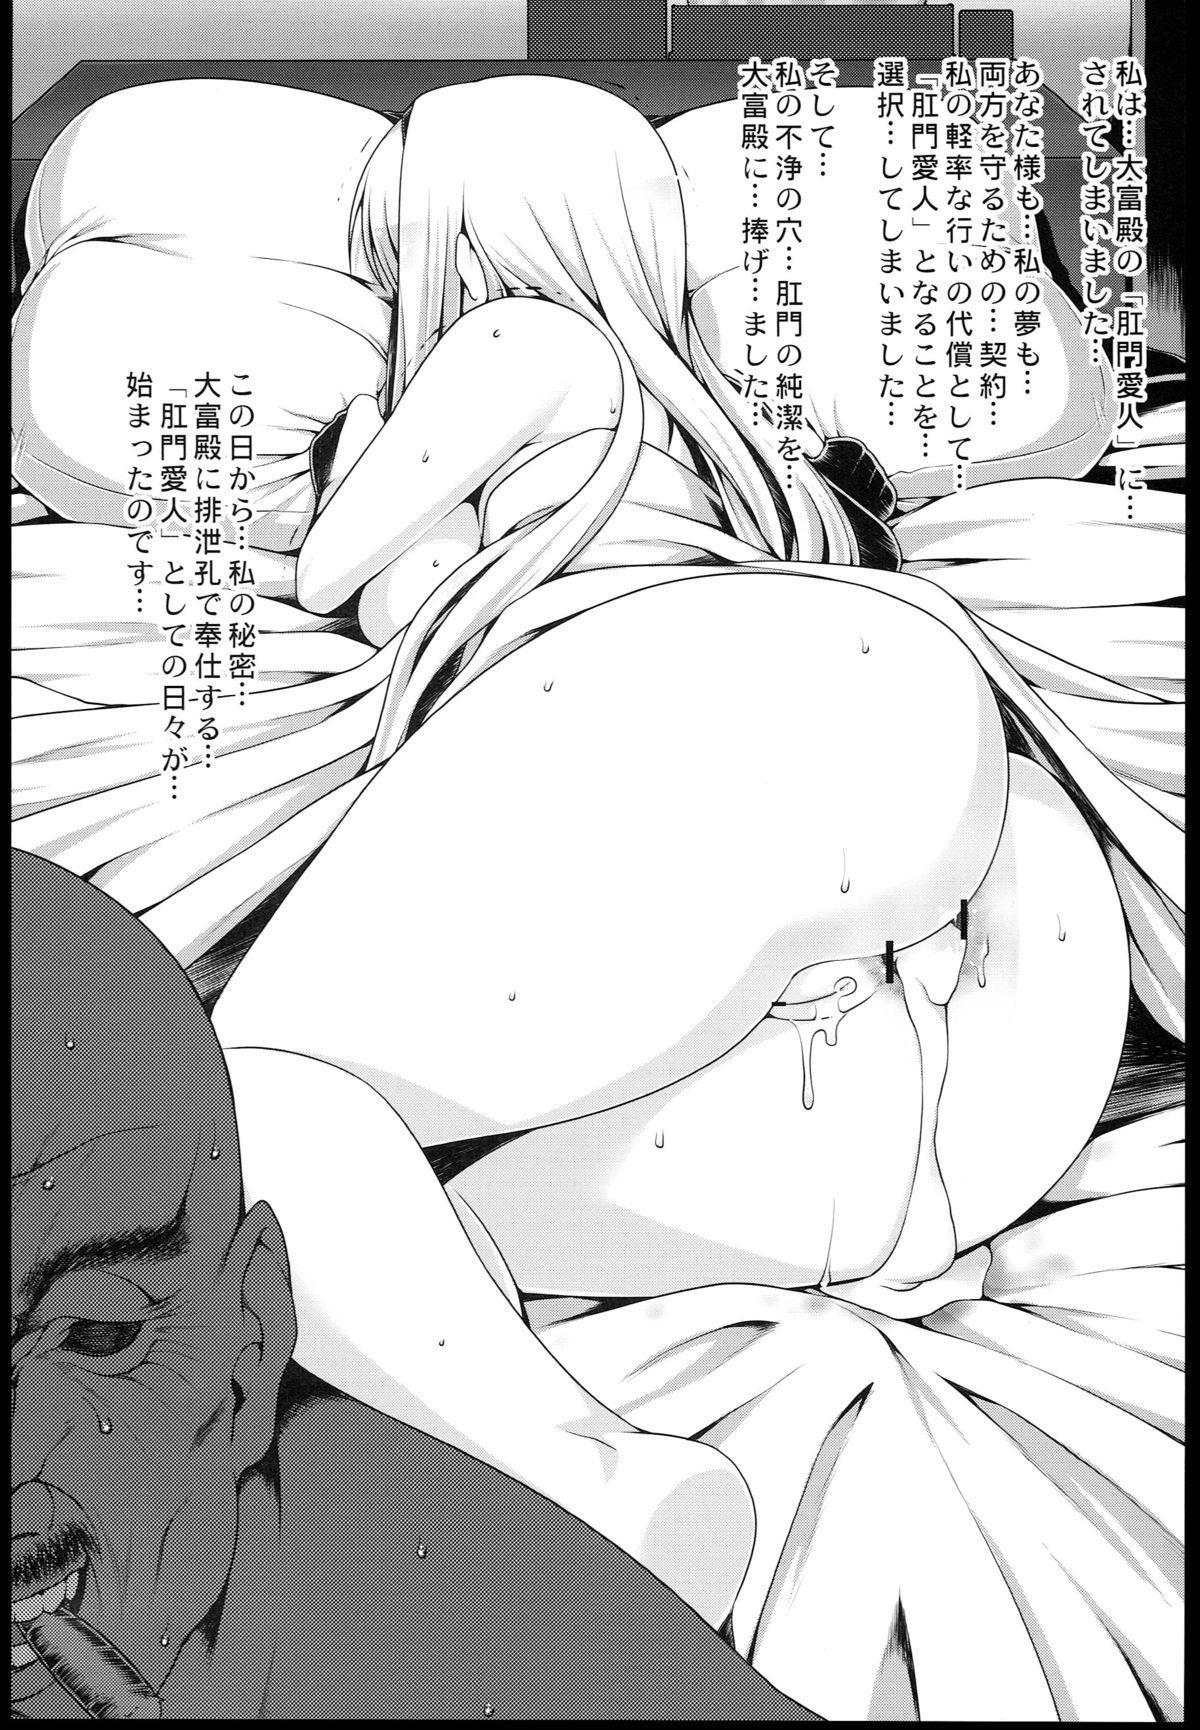 Oshiri-Hime no Junan 3